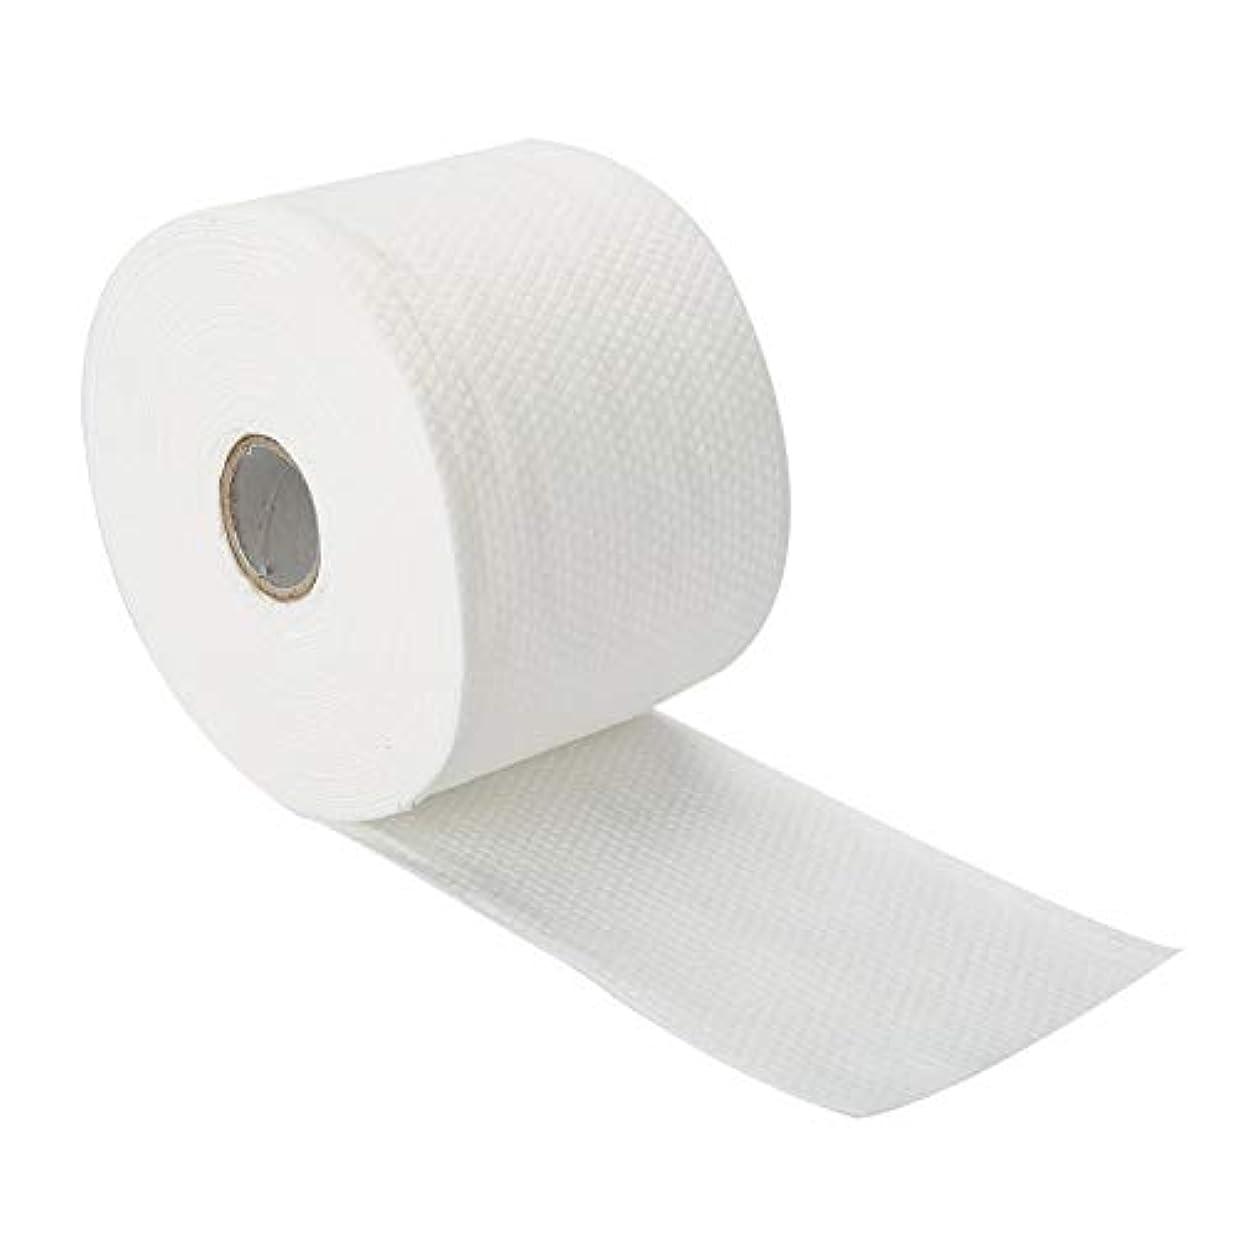 バーター製作傾く構造の使い捨て可能 表面 タオル 柔らかい Nonwoven クリーニングの化粧品の綿パッド25m